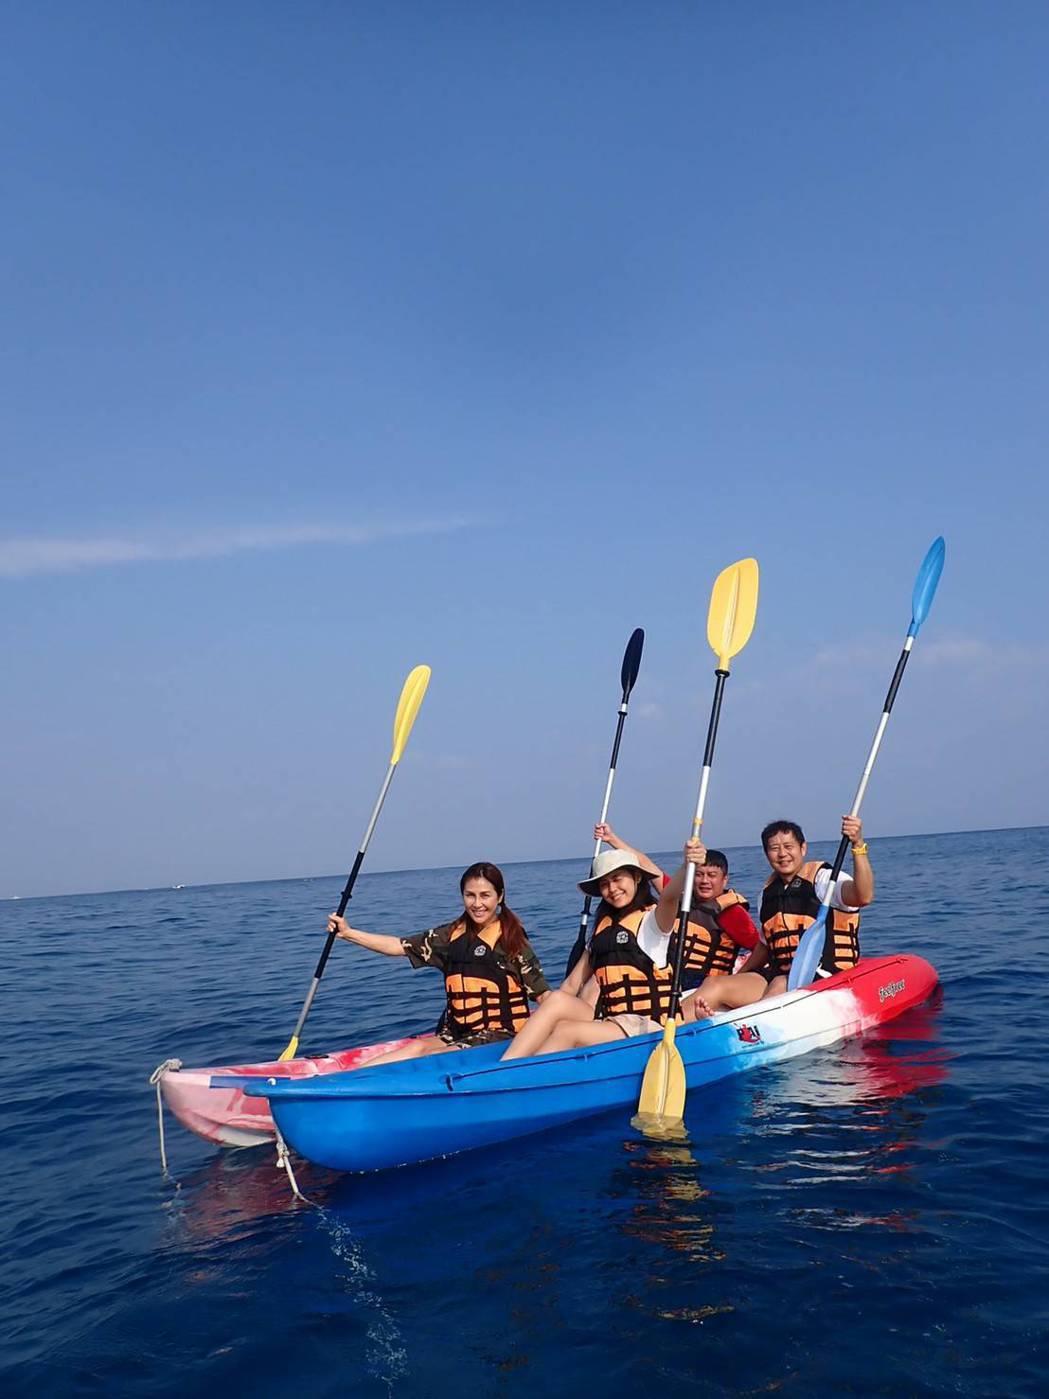 梁佑南和女兒方琦到小琉球做公益活動,順道旅遊玩獨木舟。圖/民視提供